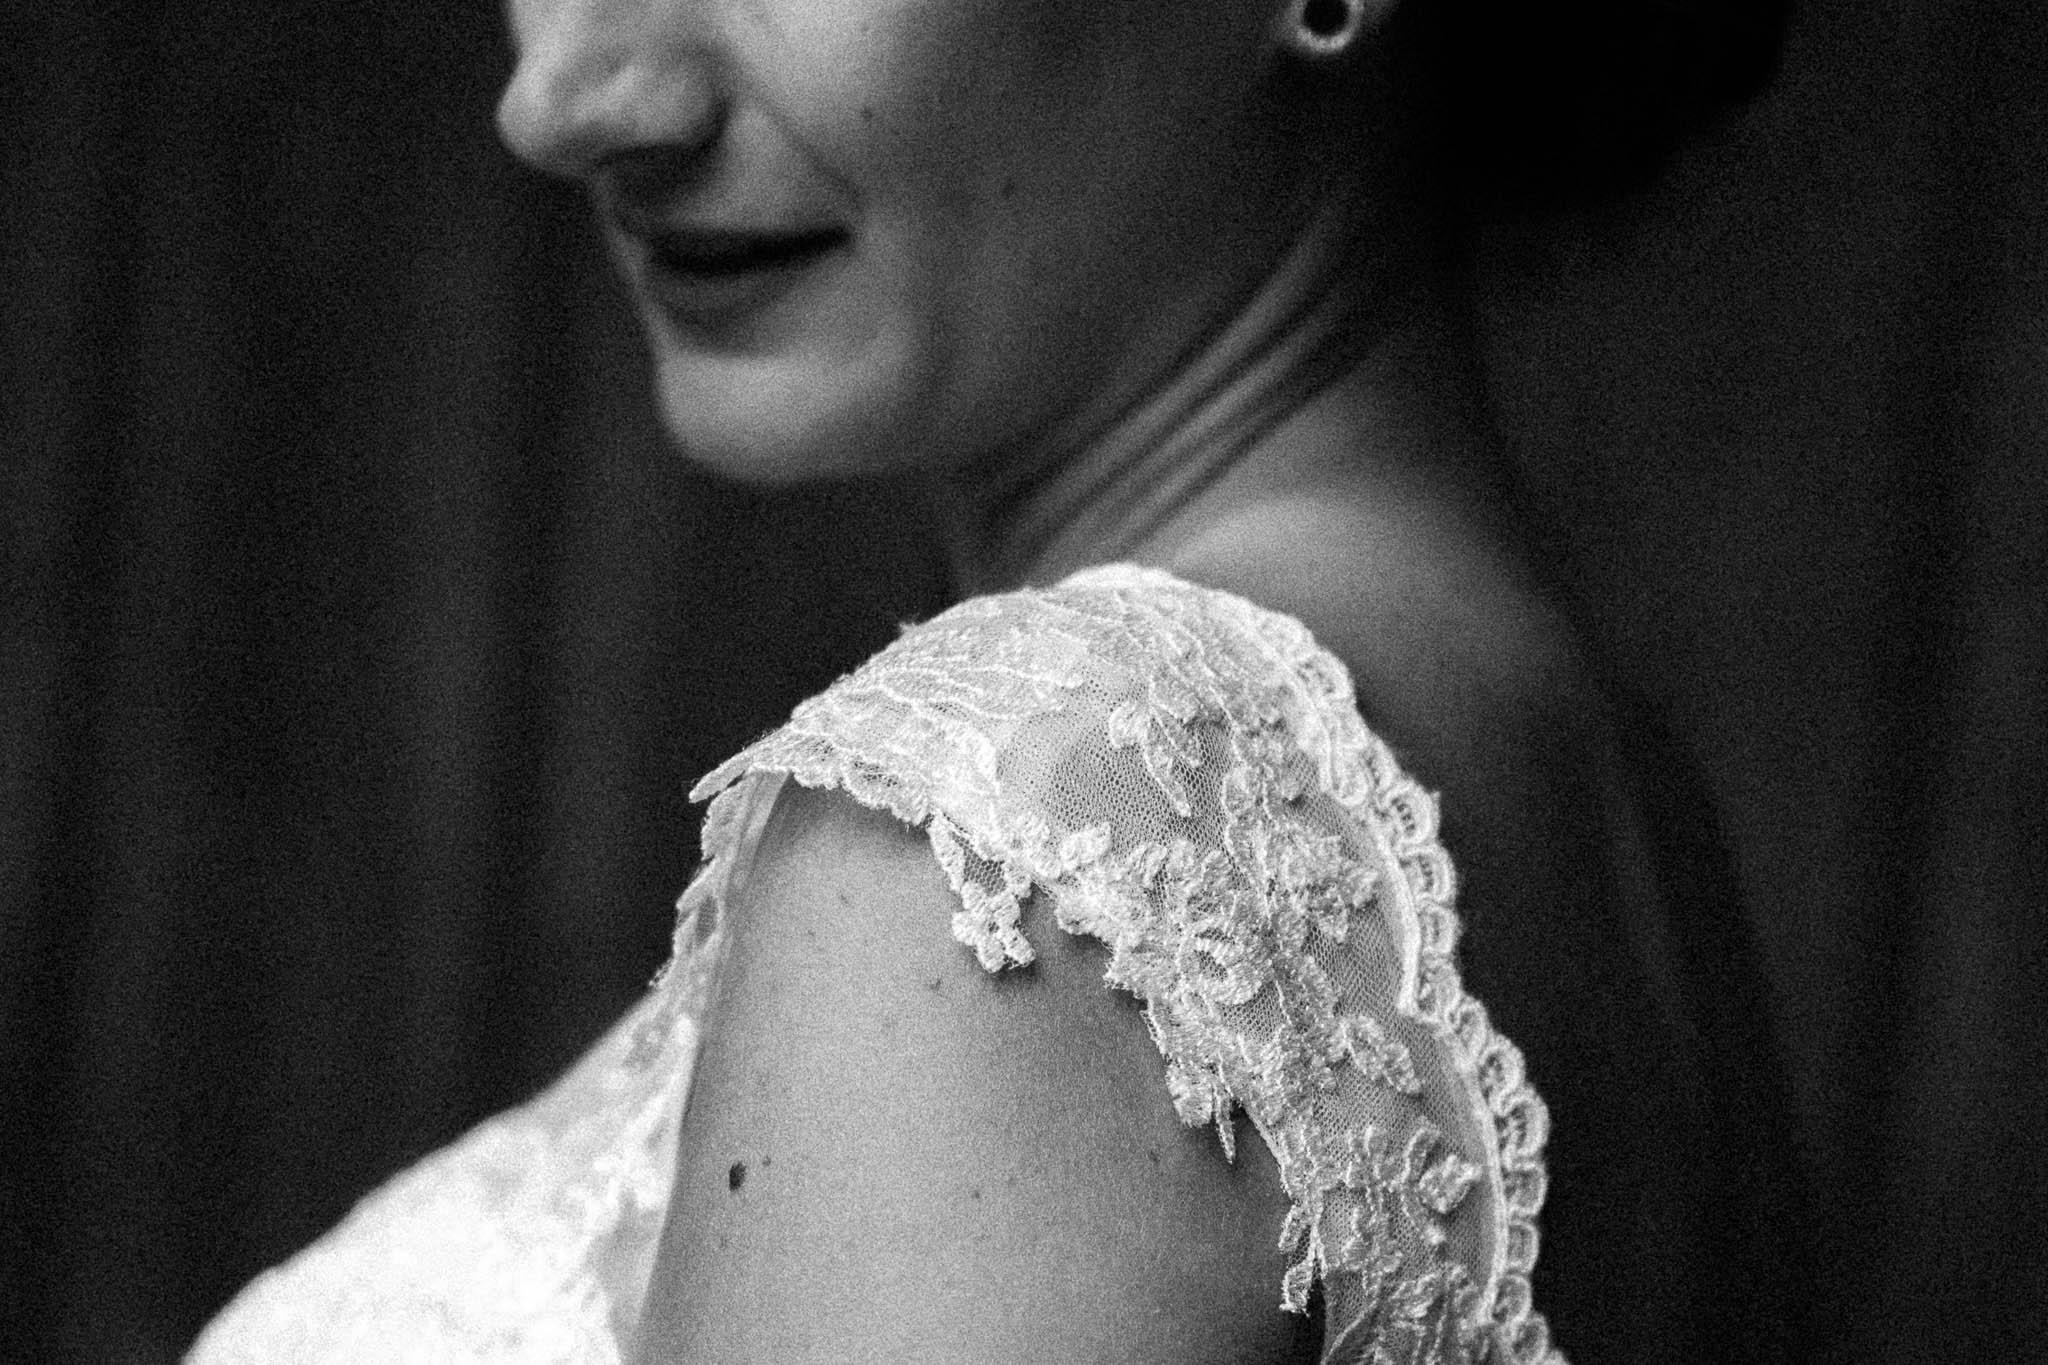 Hochzeitsfotograf Monzernheim: freie Trauung von Sarah & Patrick 41